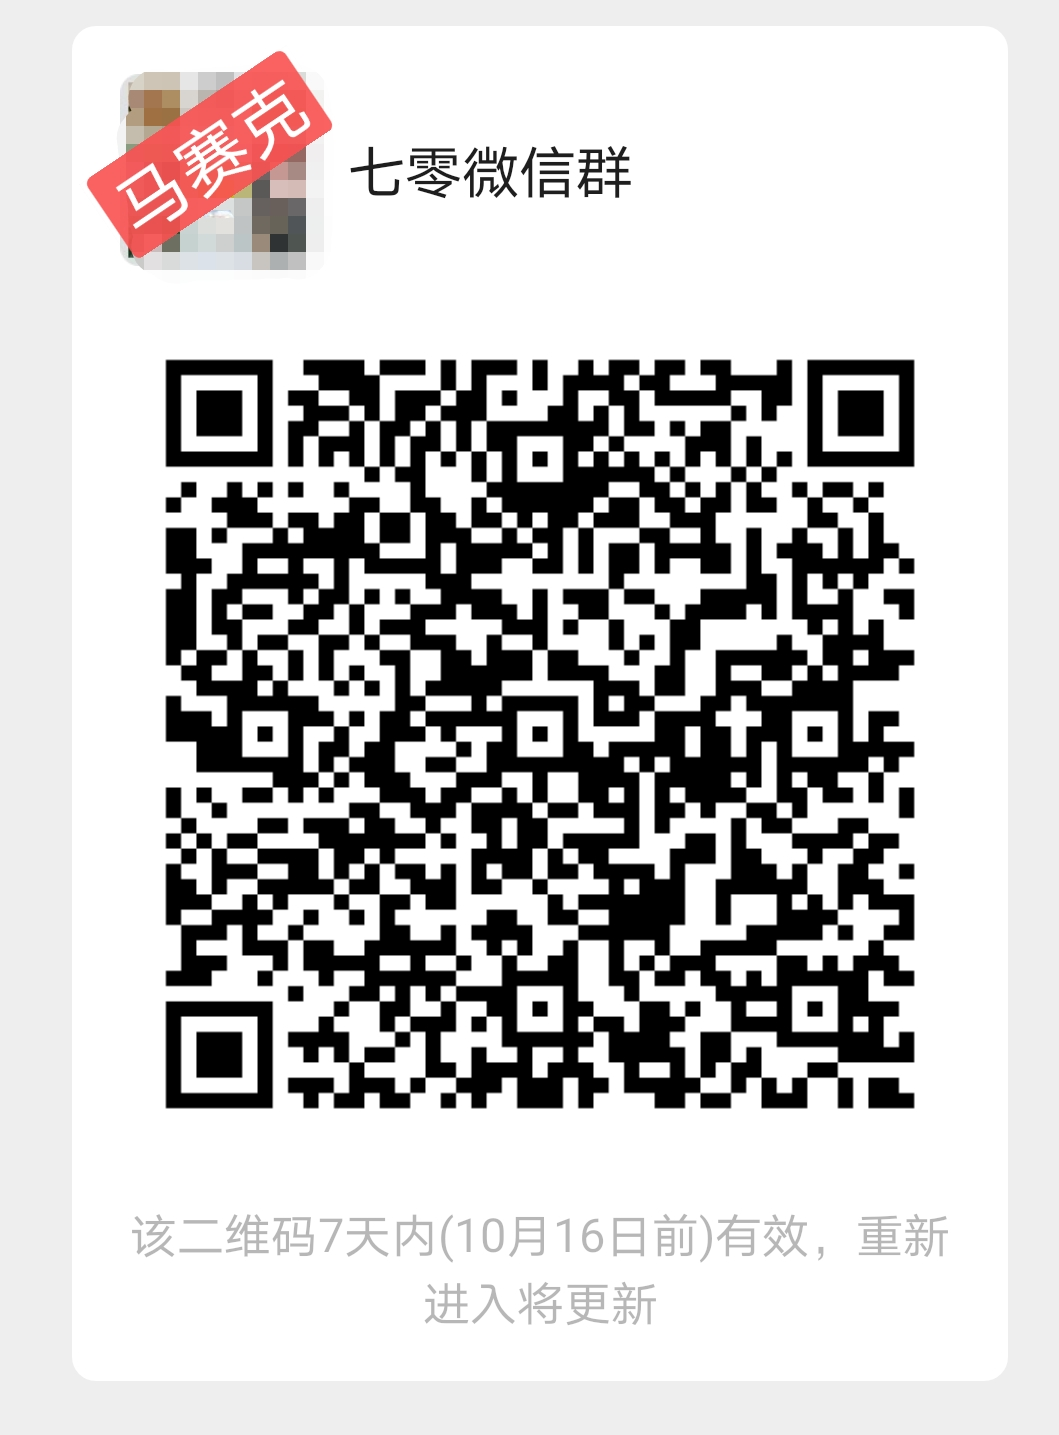 mmexport1633752774982.jpg